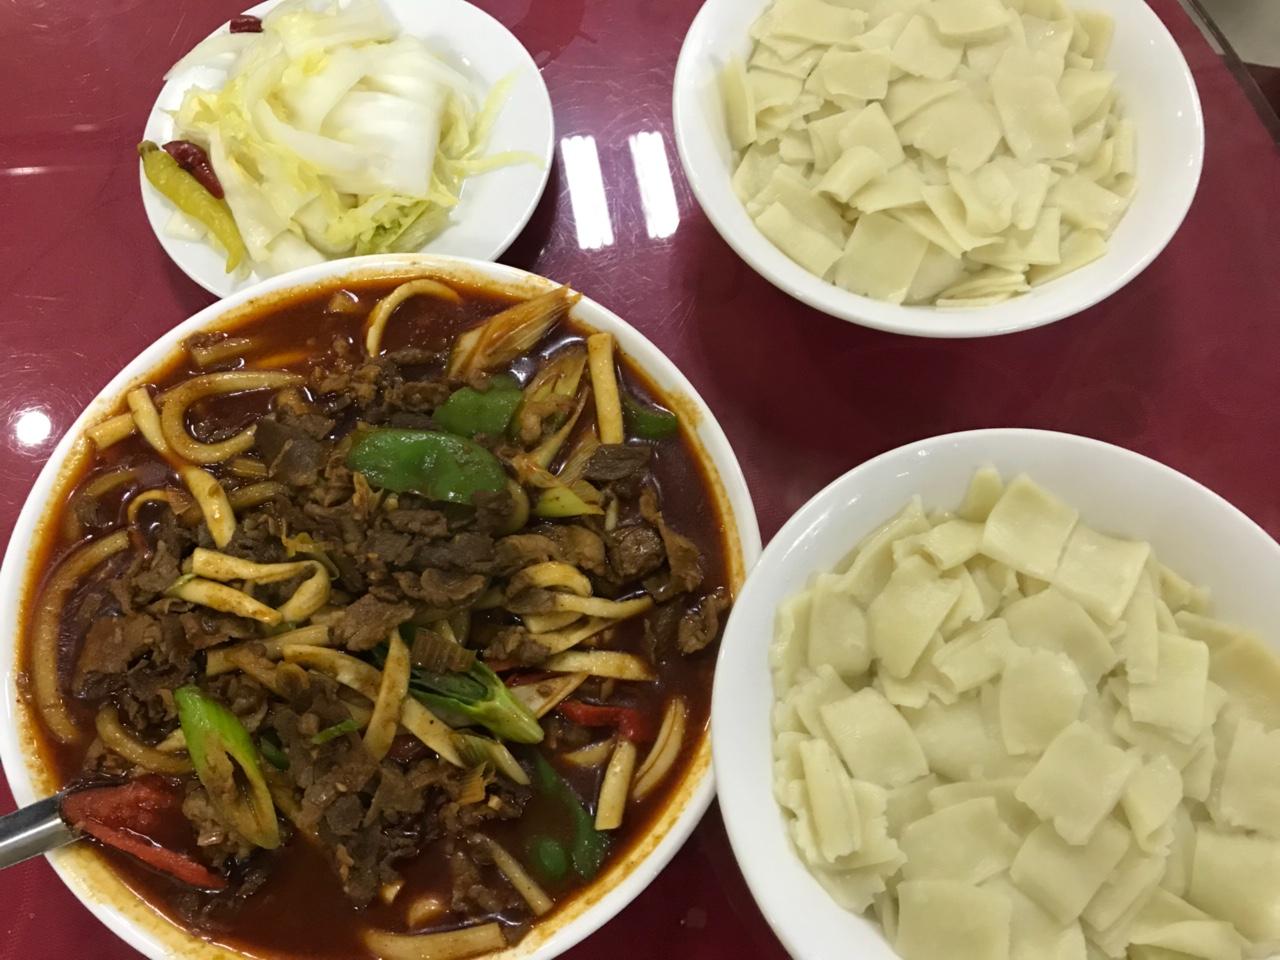 【舌尖上的张家川】黄花小菜下靖远羊羔肉,味美肉鲜。